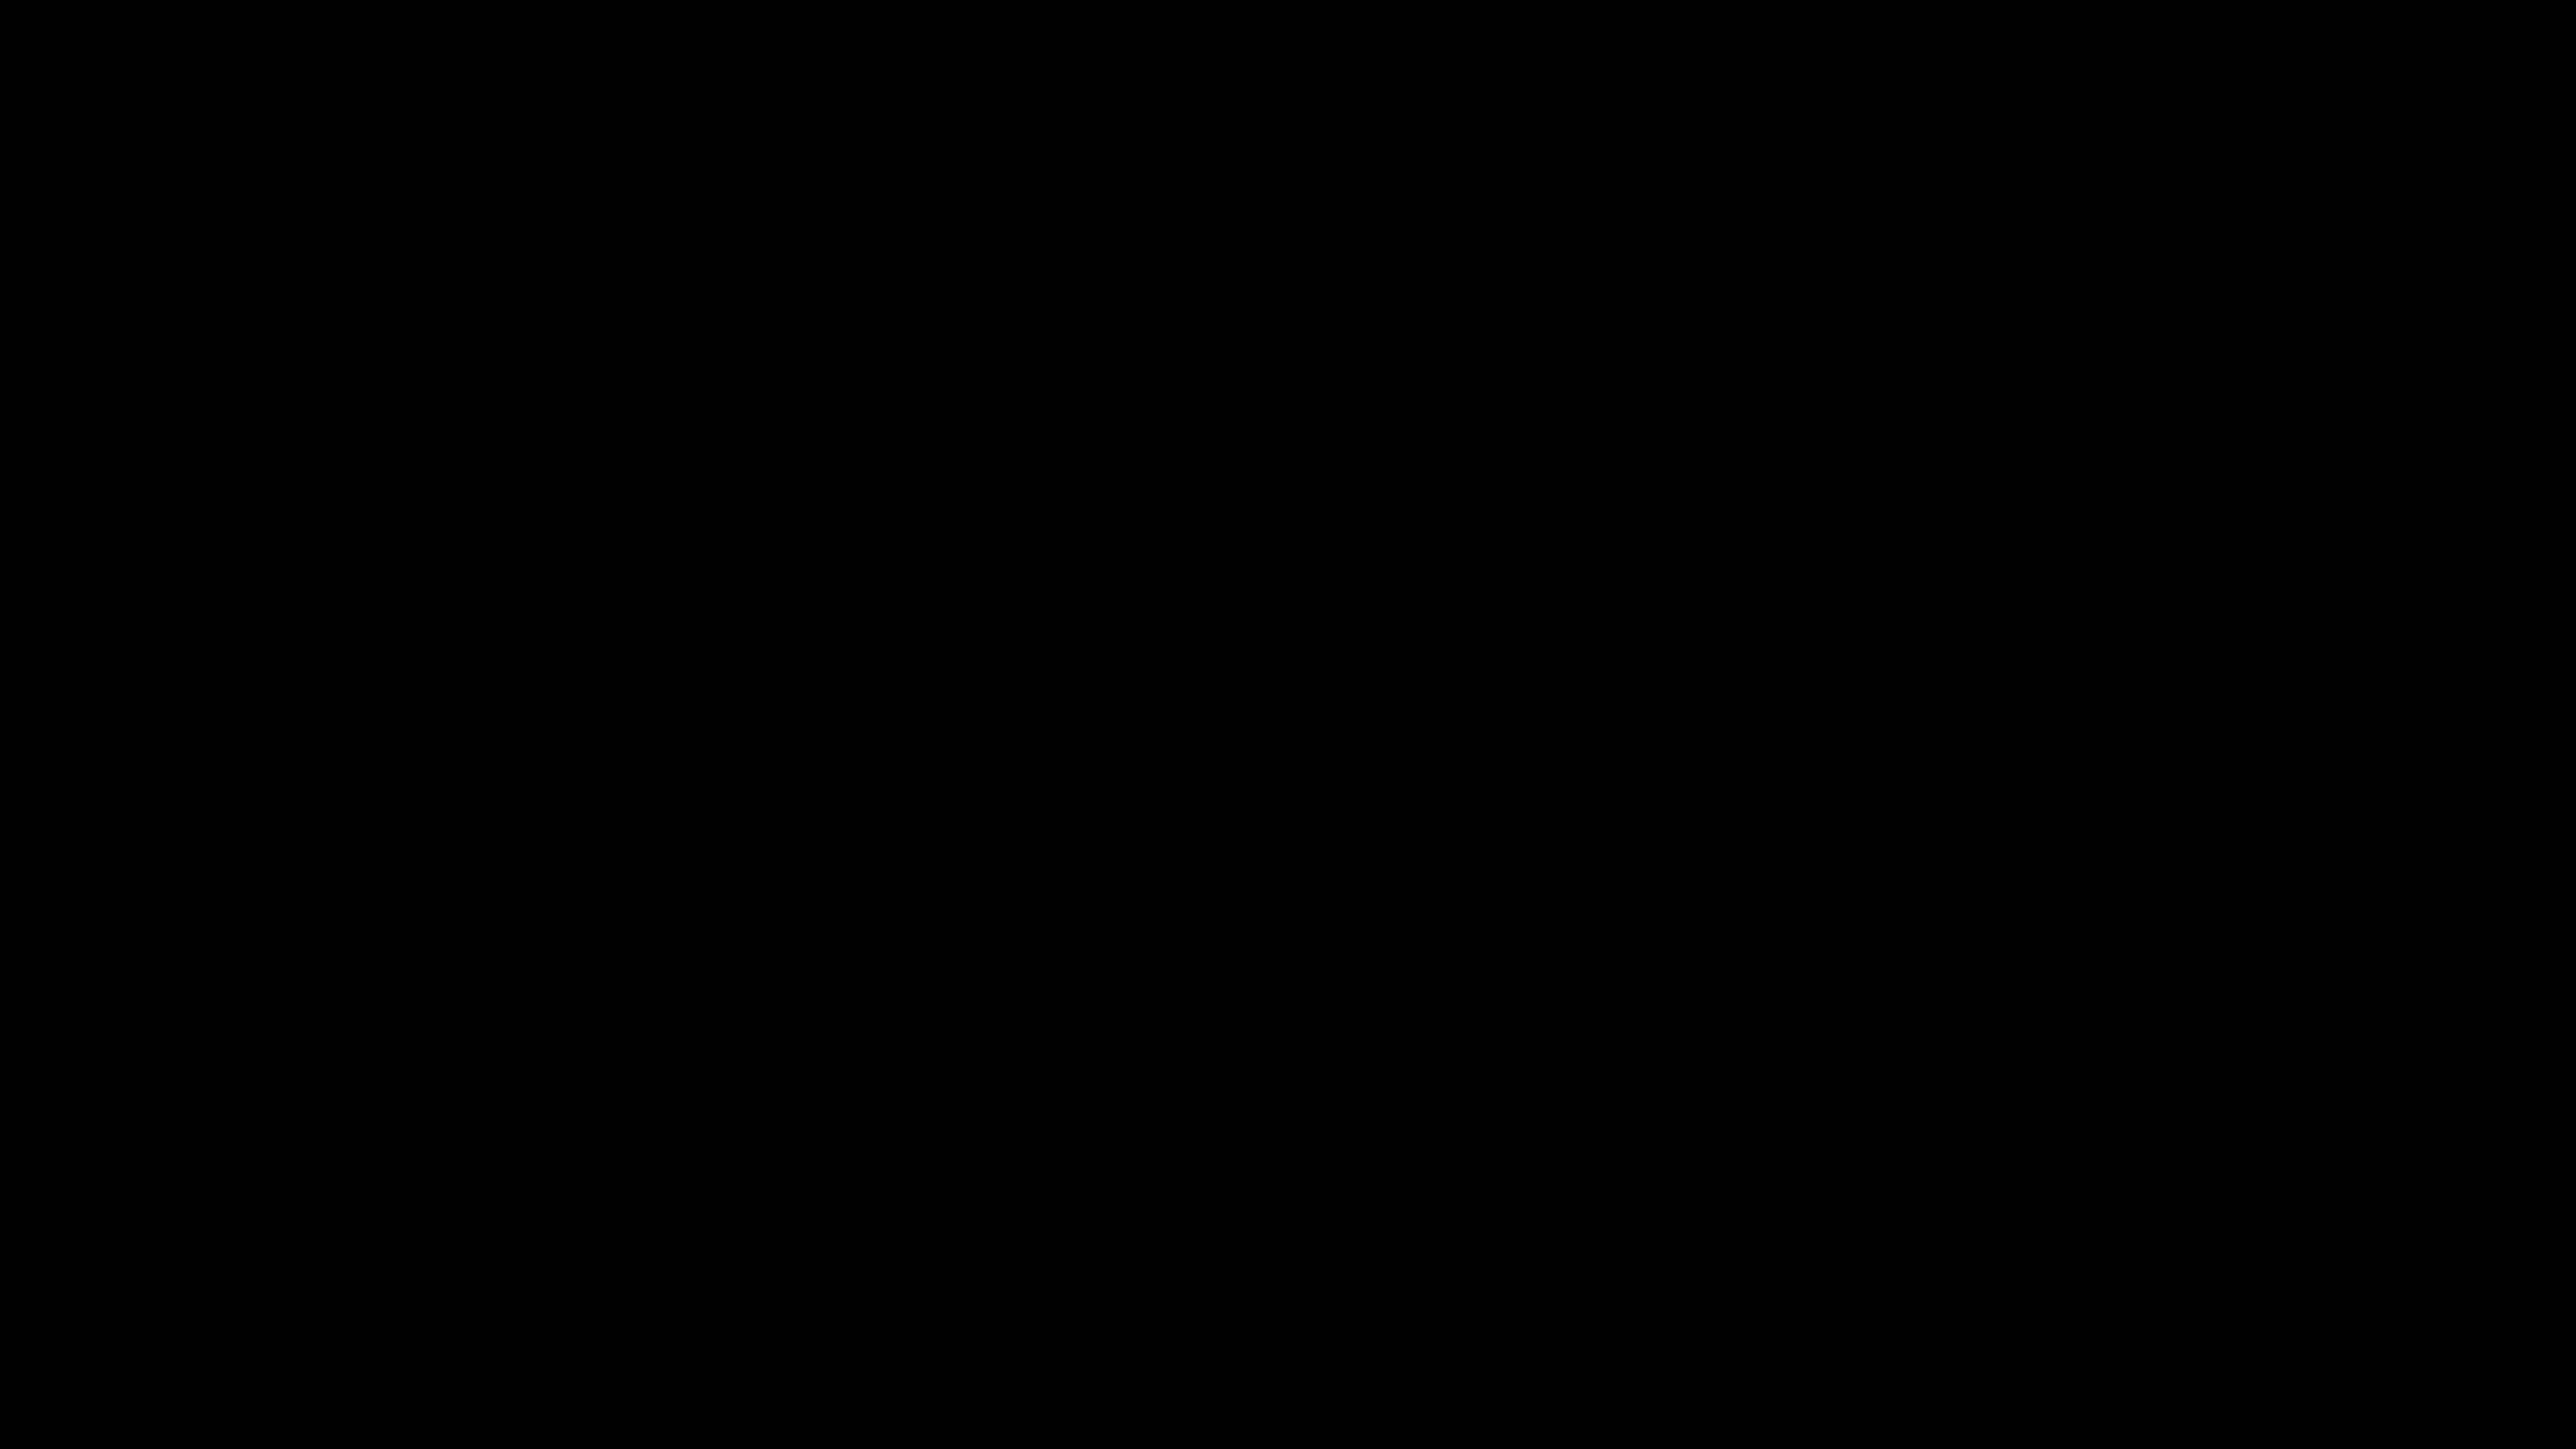 February Desktop Calendar Jessica Sibilia Designs 10667x6000